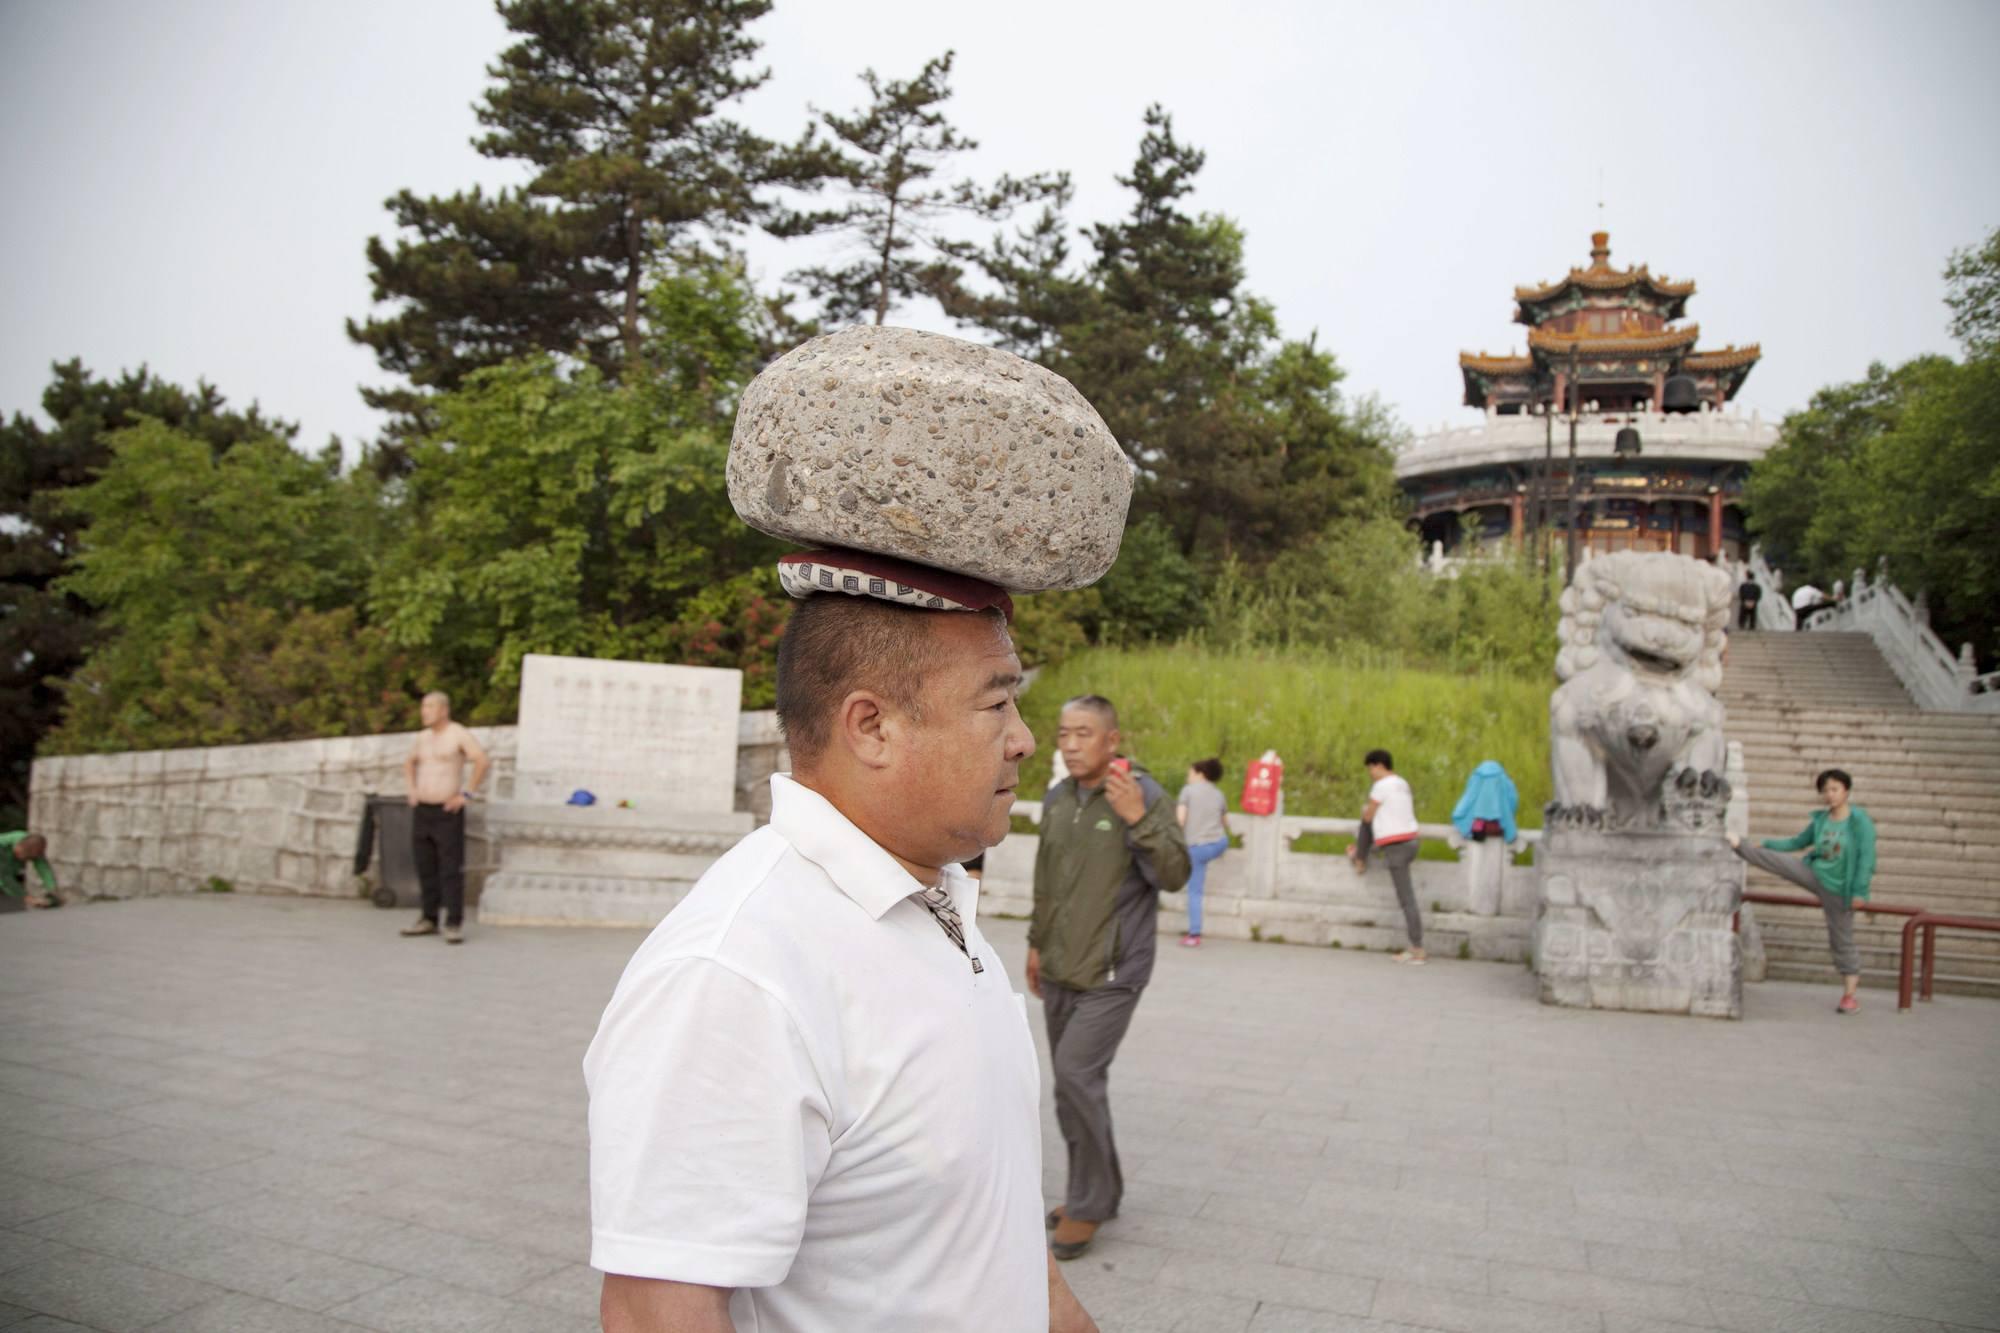 Chine pendant 4 ans  il marche avec une pierre de 40 kg sur la tête pour maigrir!